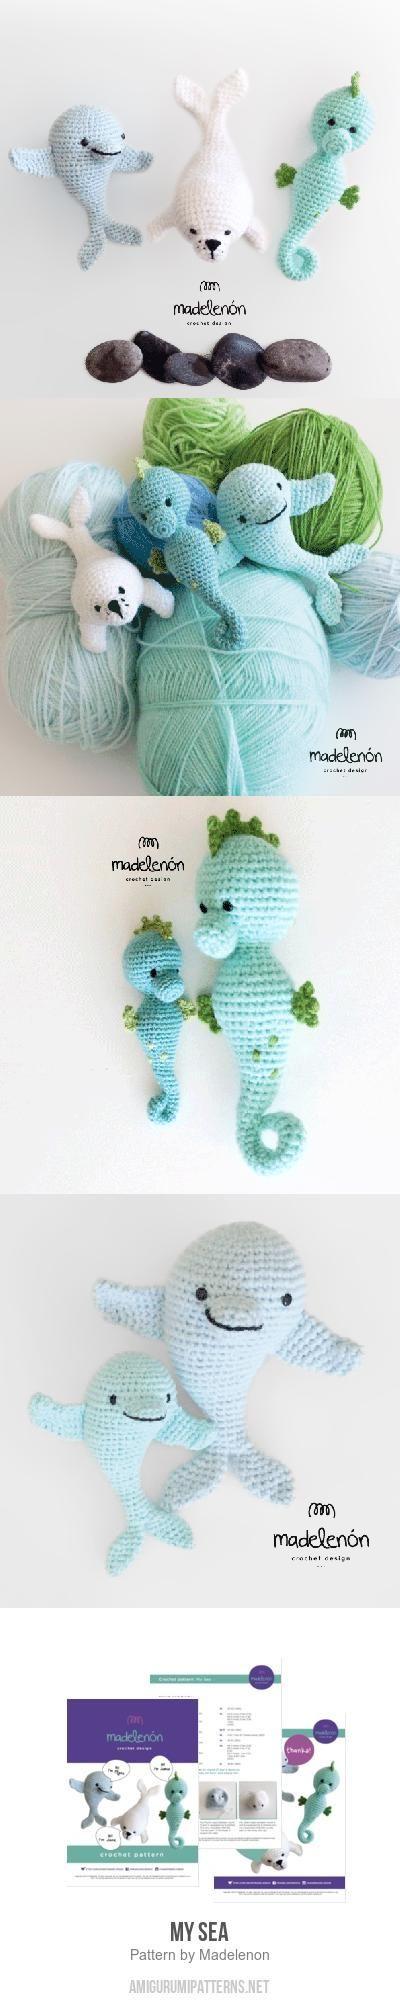 My sea amigurumi pattern by Madelenon | Tejido, Ganchillo y Patrones ...